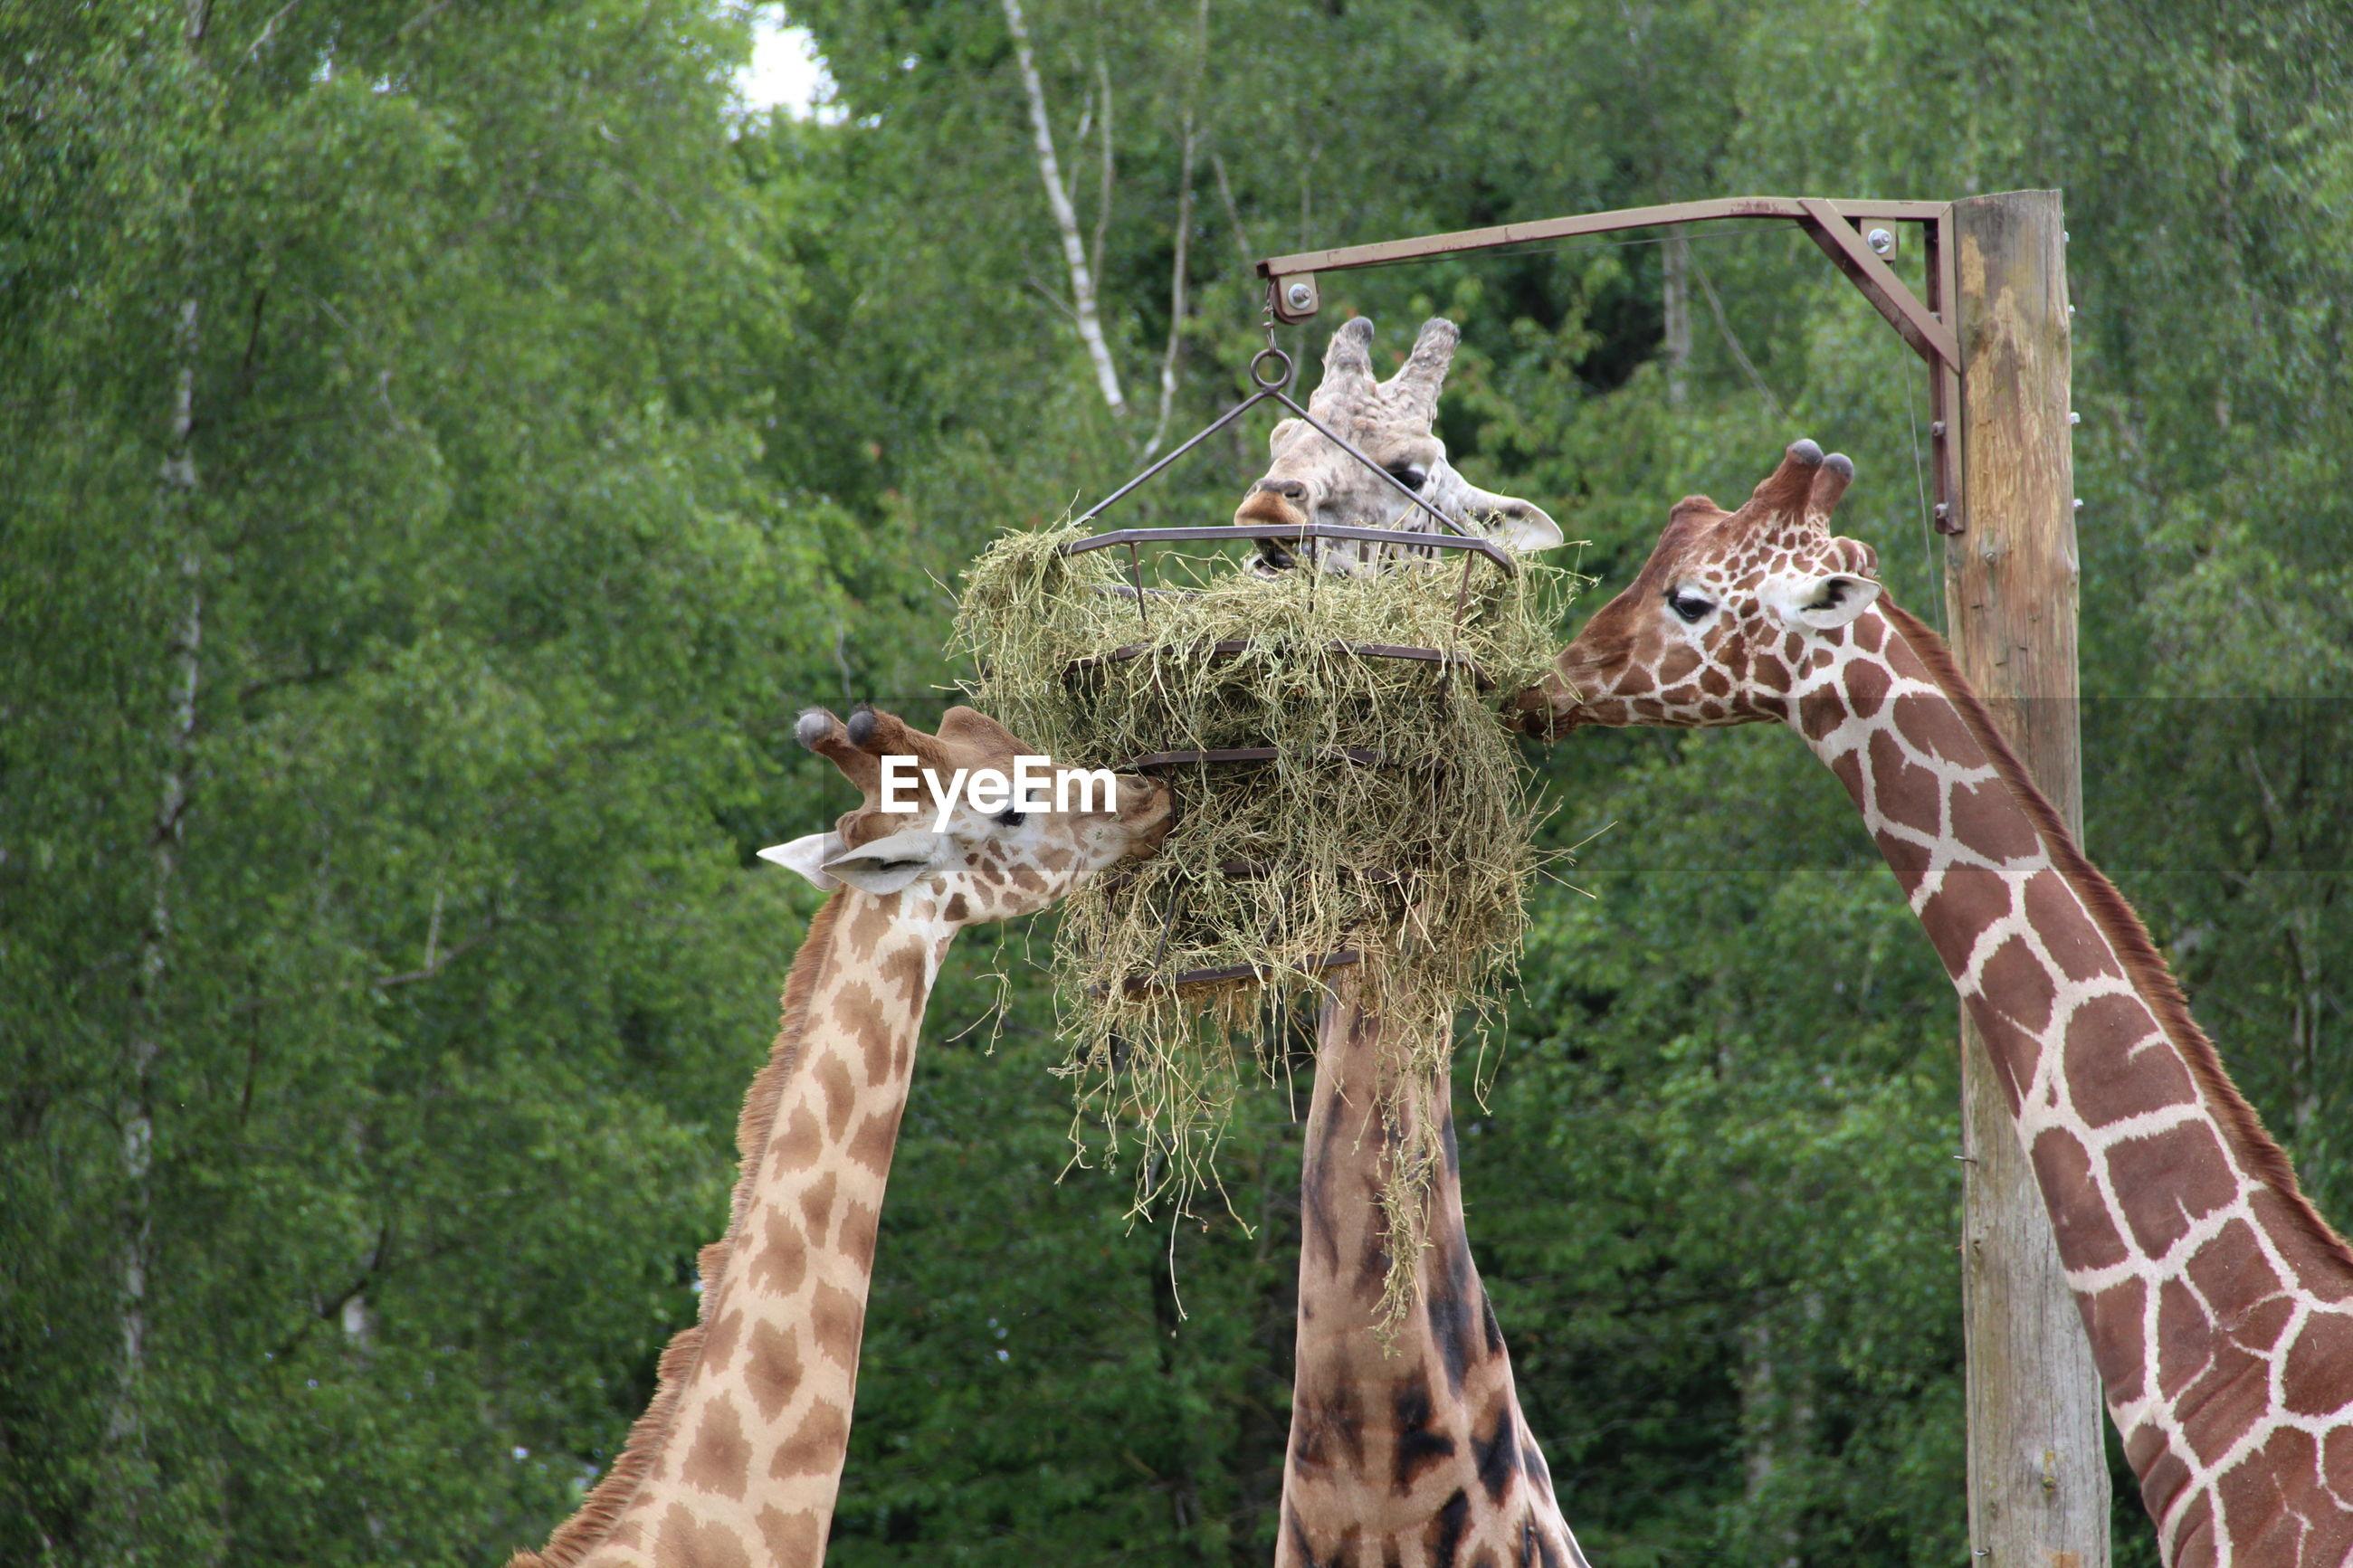 Giraffes feeding on grass against trees